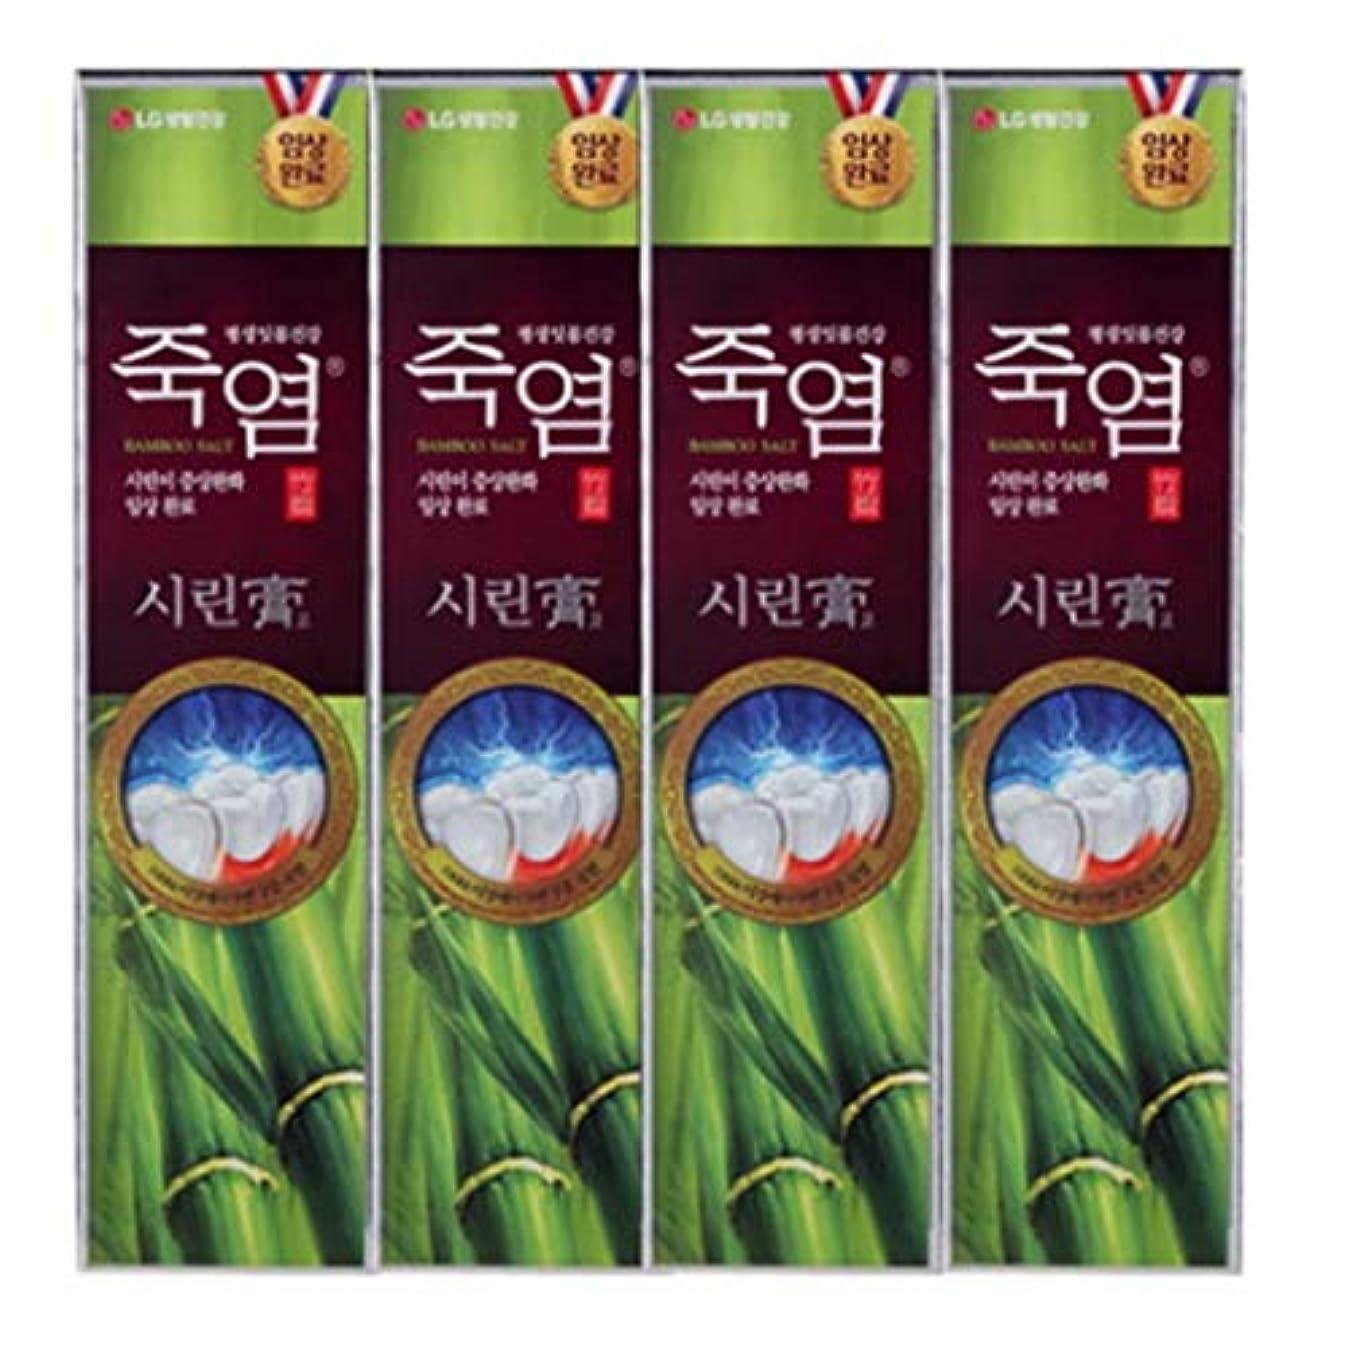 そんなに折り目満足[LG Care/LG生活健康]竹塩歯磨き粉つぶれて歯茎を健康に120g x4ea/歯磨きセットスペシャル?リミテッドToothpaste Set Special Limited Korea(海外直送品)